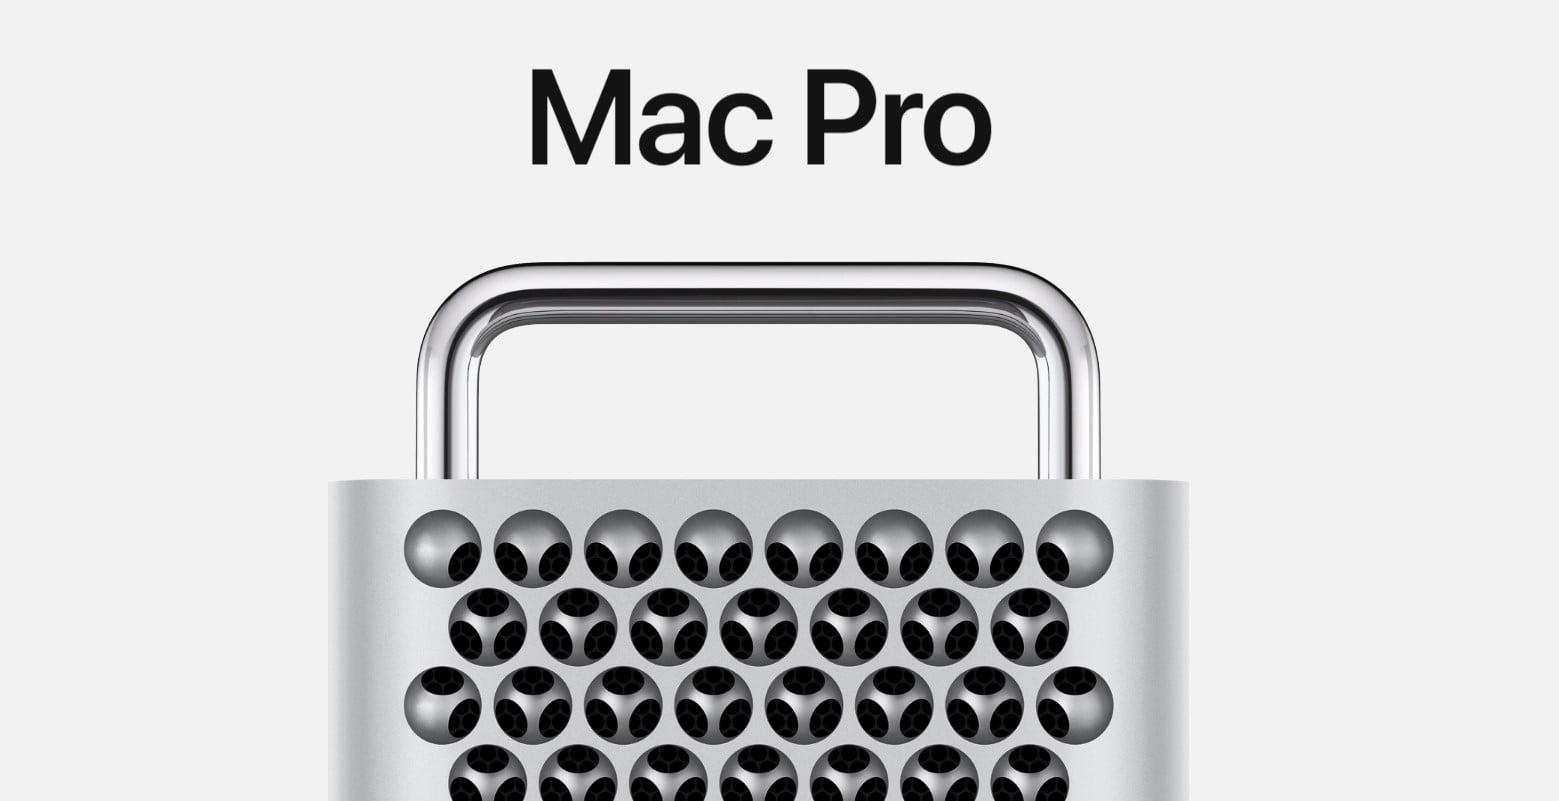 Apple upadło na głowę! Kółka do Maca Pro kosztują tyle, ile dobrej klasy komputer